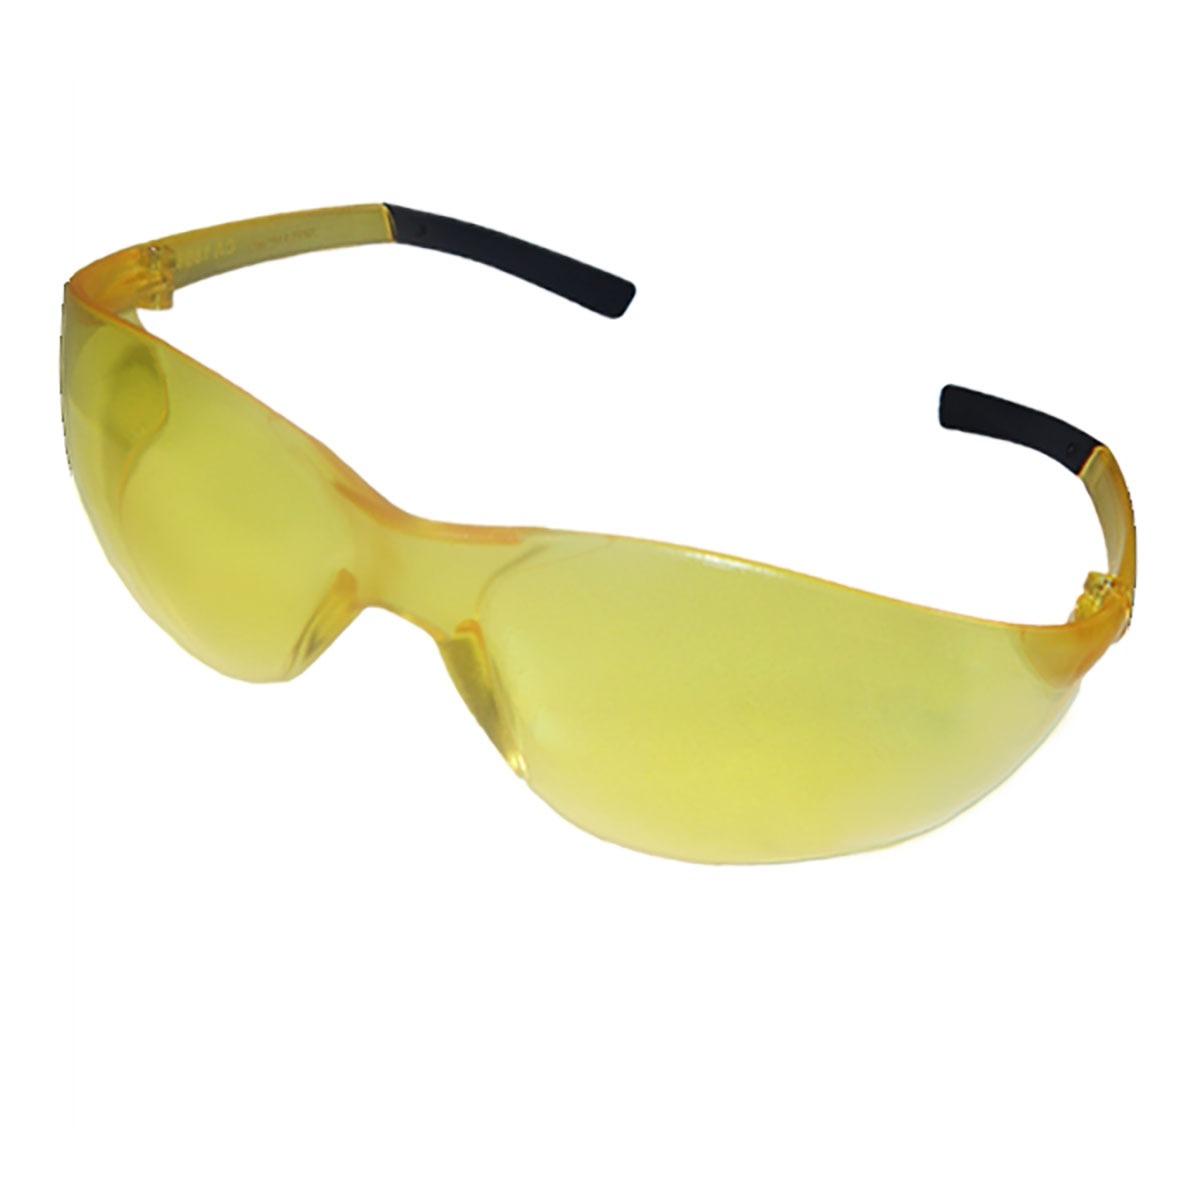 Oculos - 3m - Vision 8000 - Amarelo - Cod 340 - R  51,31 em Mercado ... 8cb6e7f076